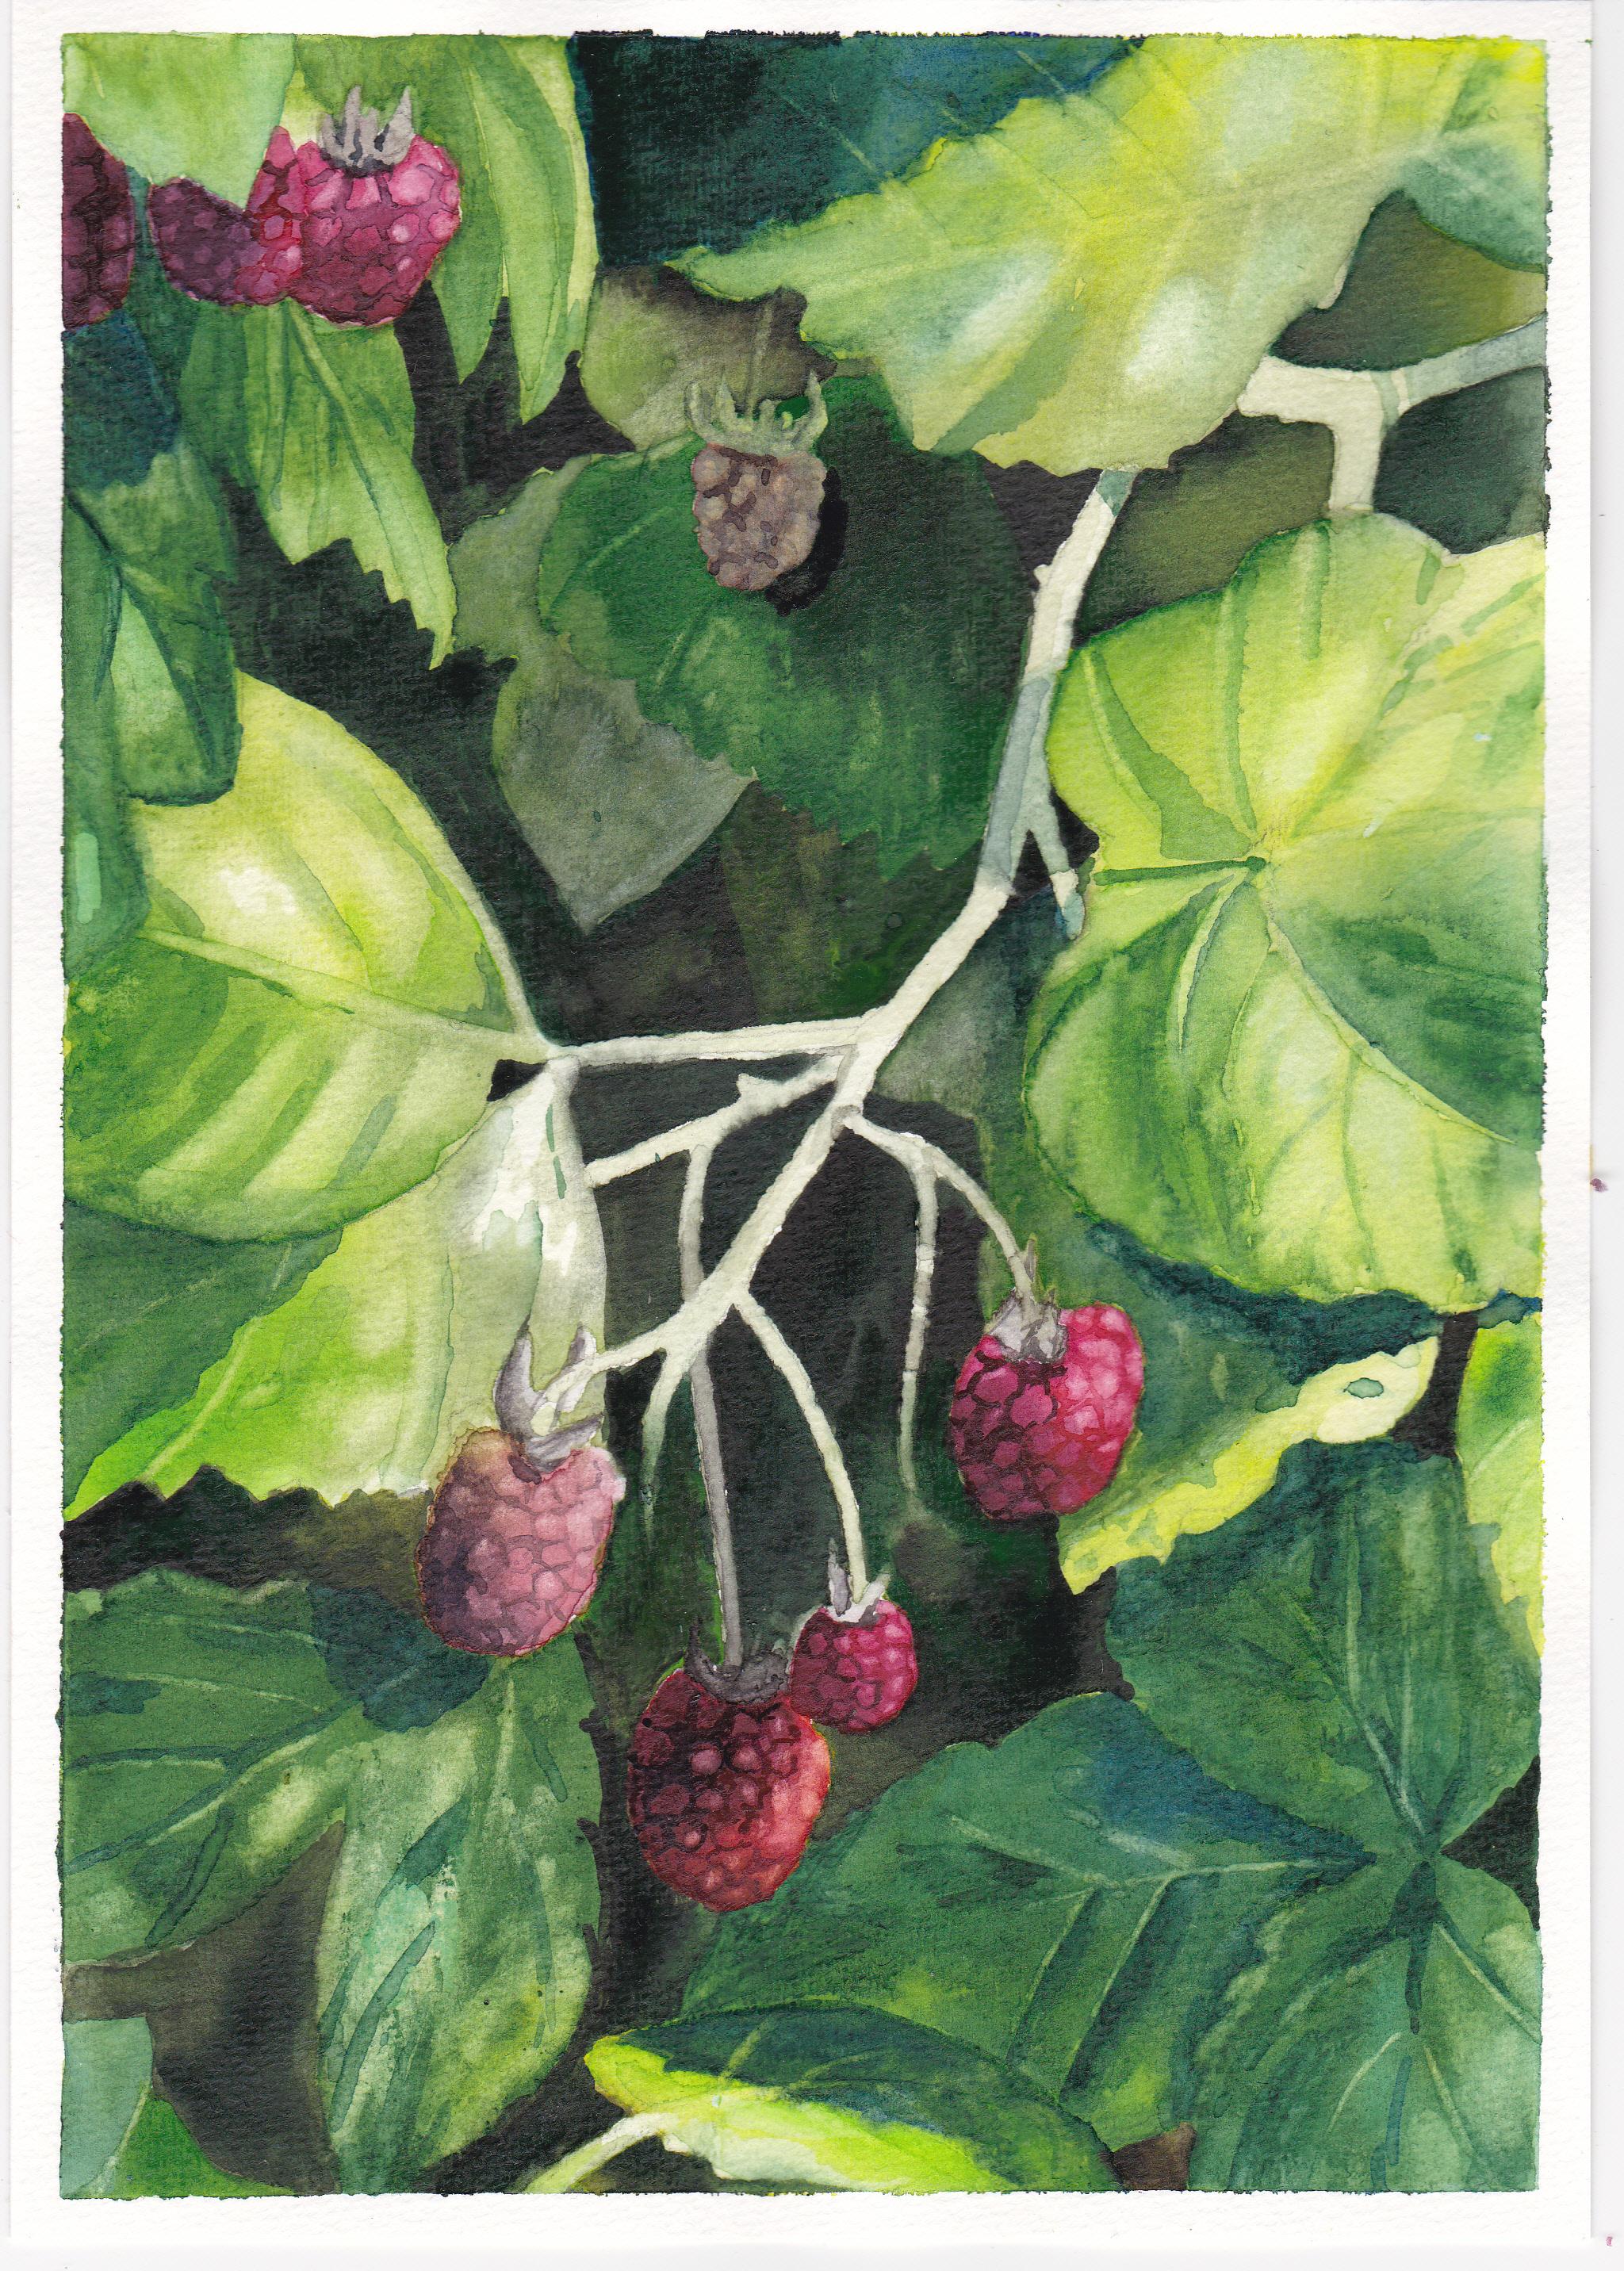 Himbeeren/ Raspberries